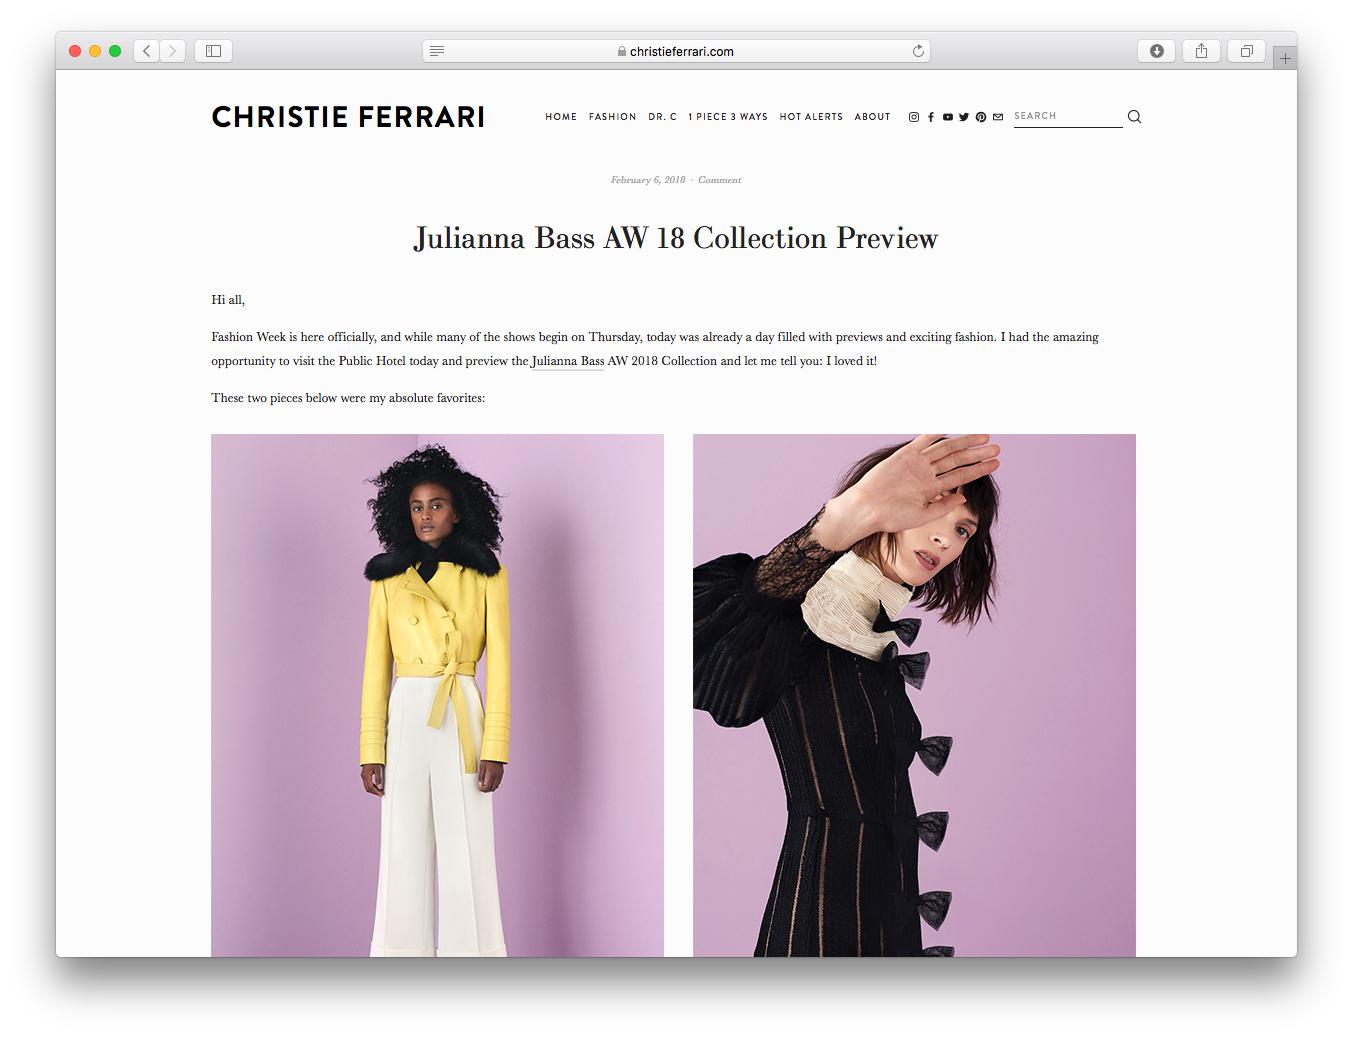 JB-AW18-INSPO-CHRISTIE-FERRARI.jpg